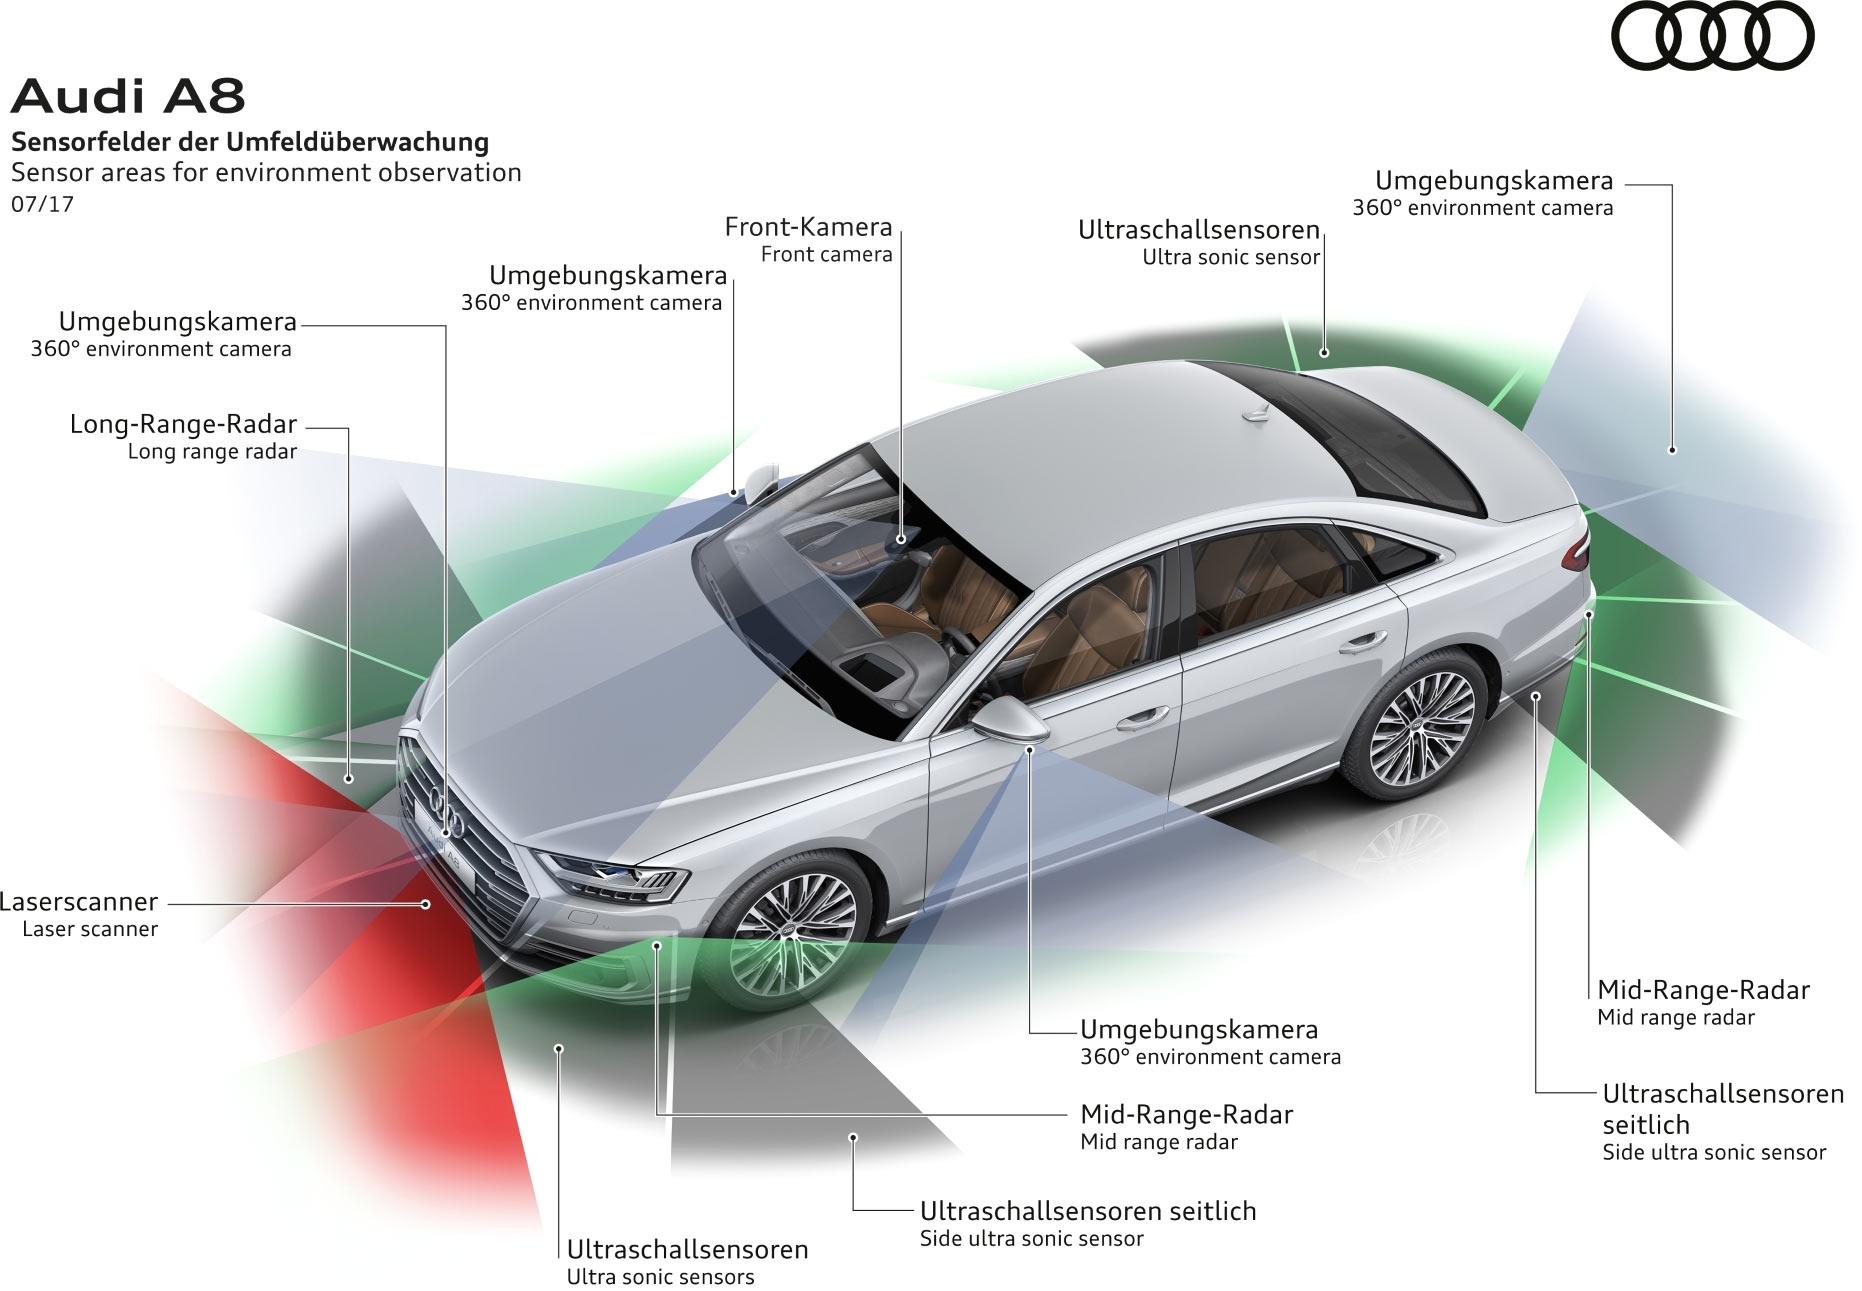 Производитель процессоров тестирует самоуправляемые авто вСША иЕвропе